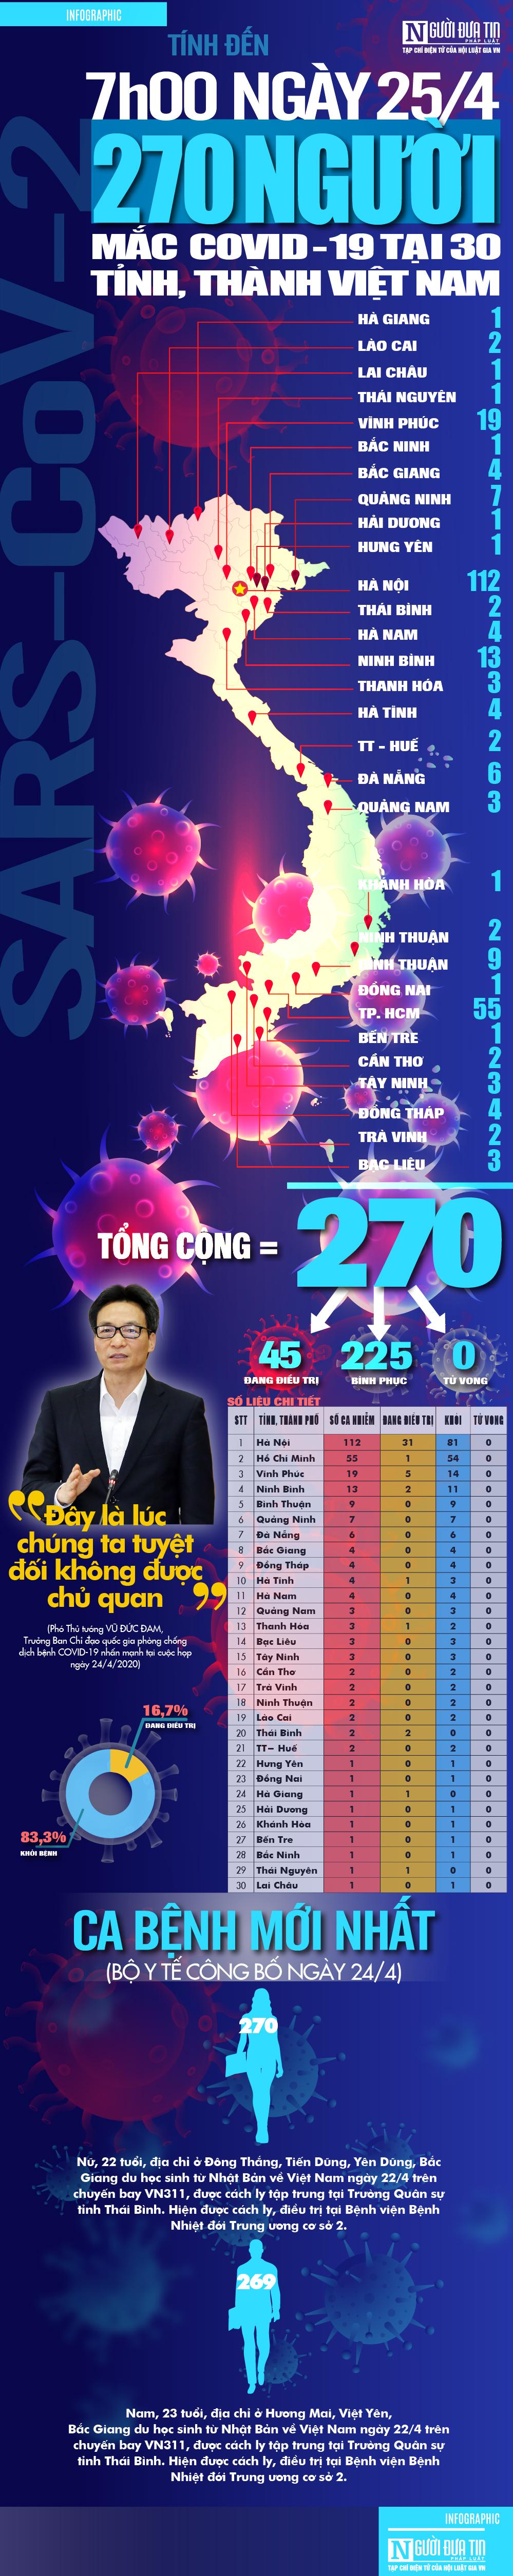 [Info] Cập nhật 7h00 ngày 25/4: 270 ca bệnh Covid-19 tại 30 tỉnh, thành Việt Nam; Tuyệt đối không chủ quan-1